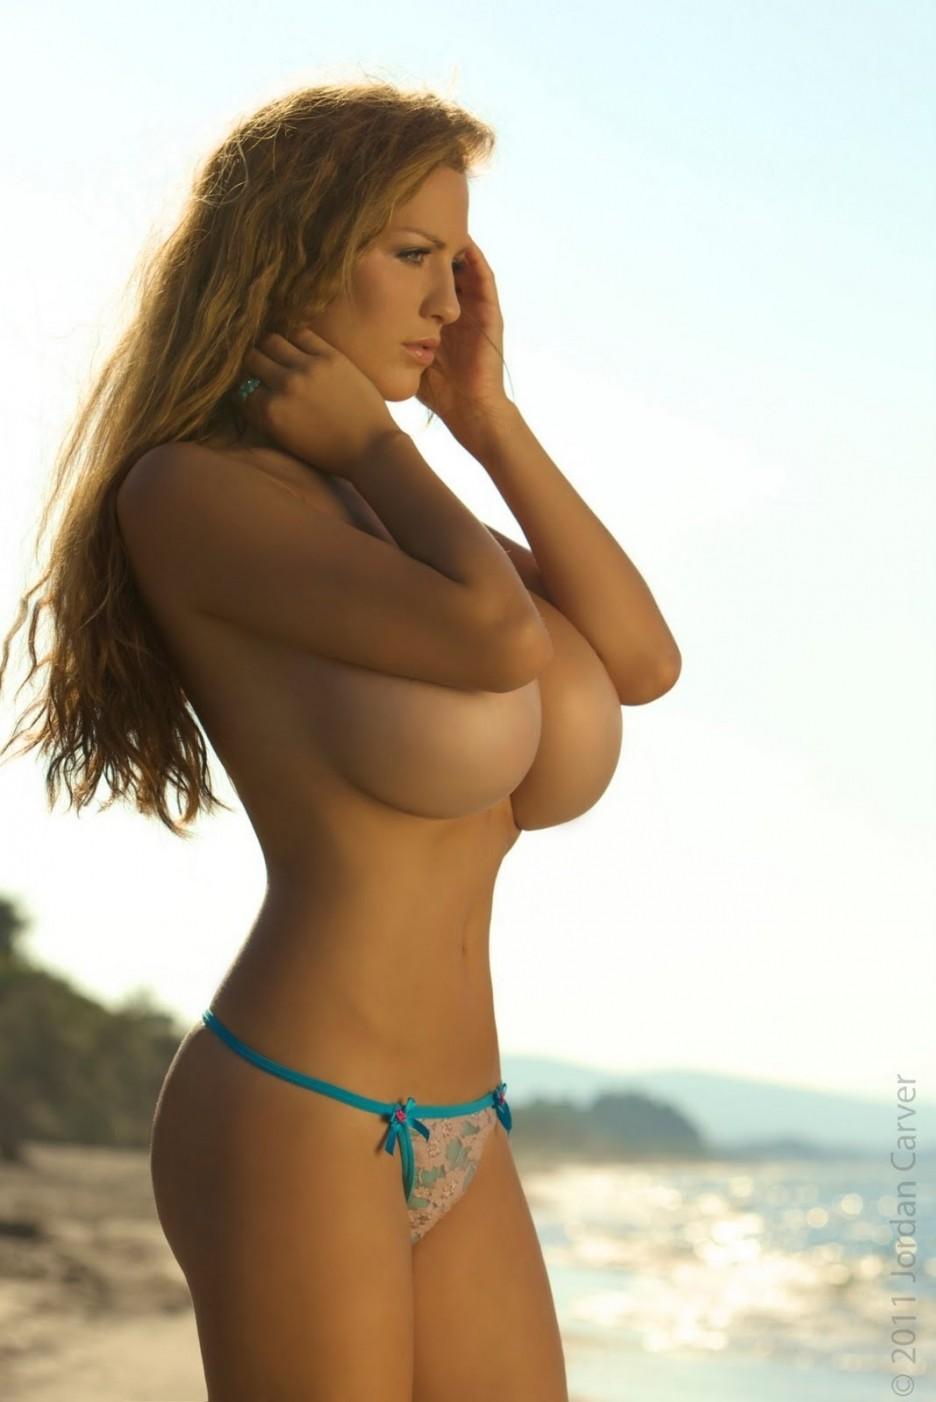 【海外超乳エロ画像】超乳だらけな海の向こうwww許容オーバーなおっぱい引っ提げ挑発してくる外人美女たち 10